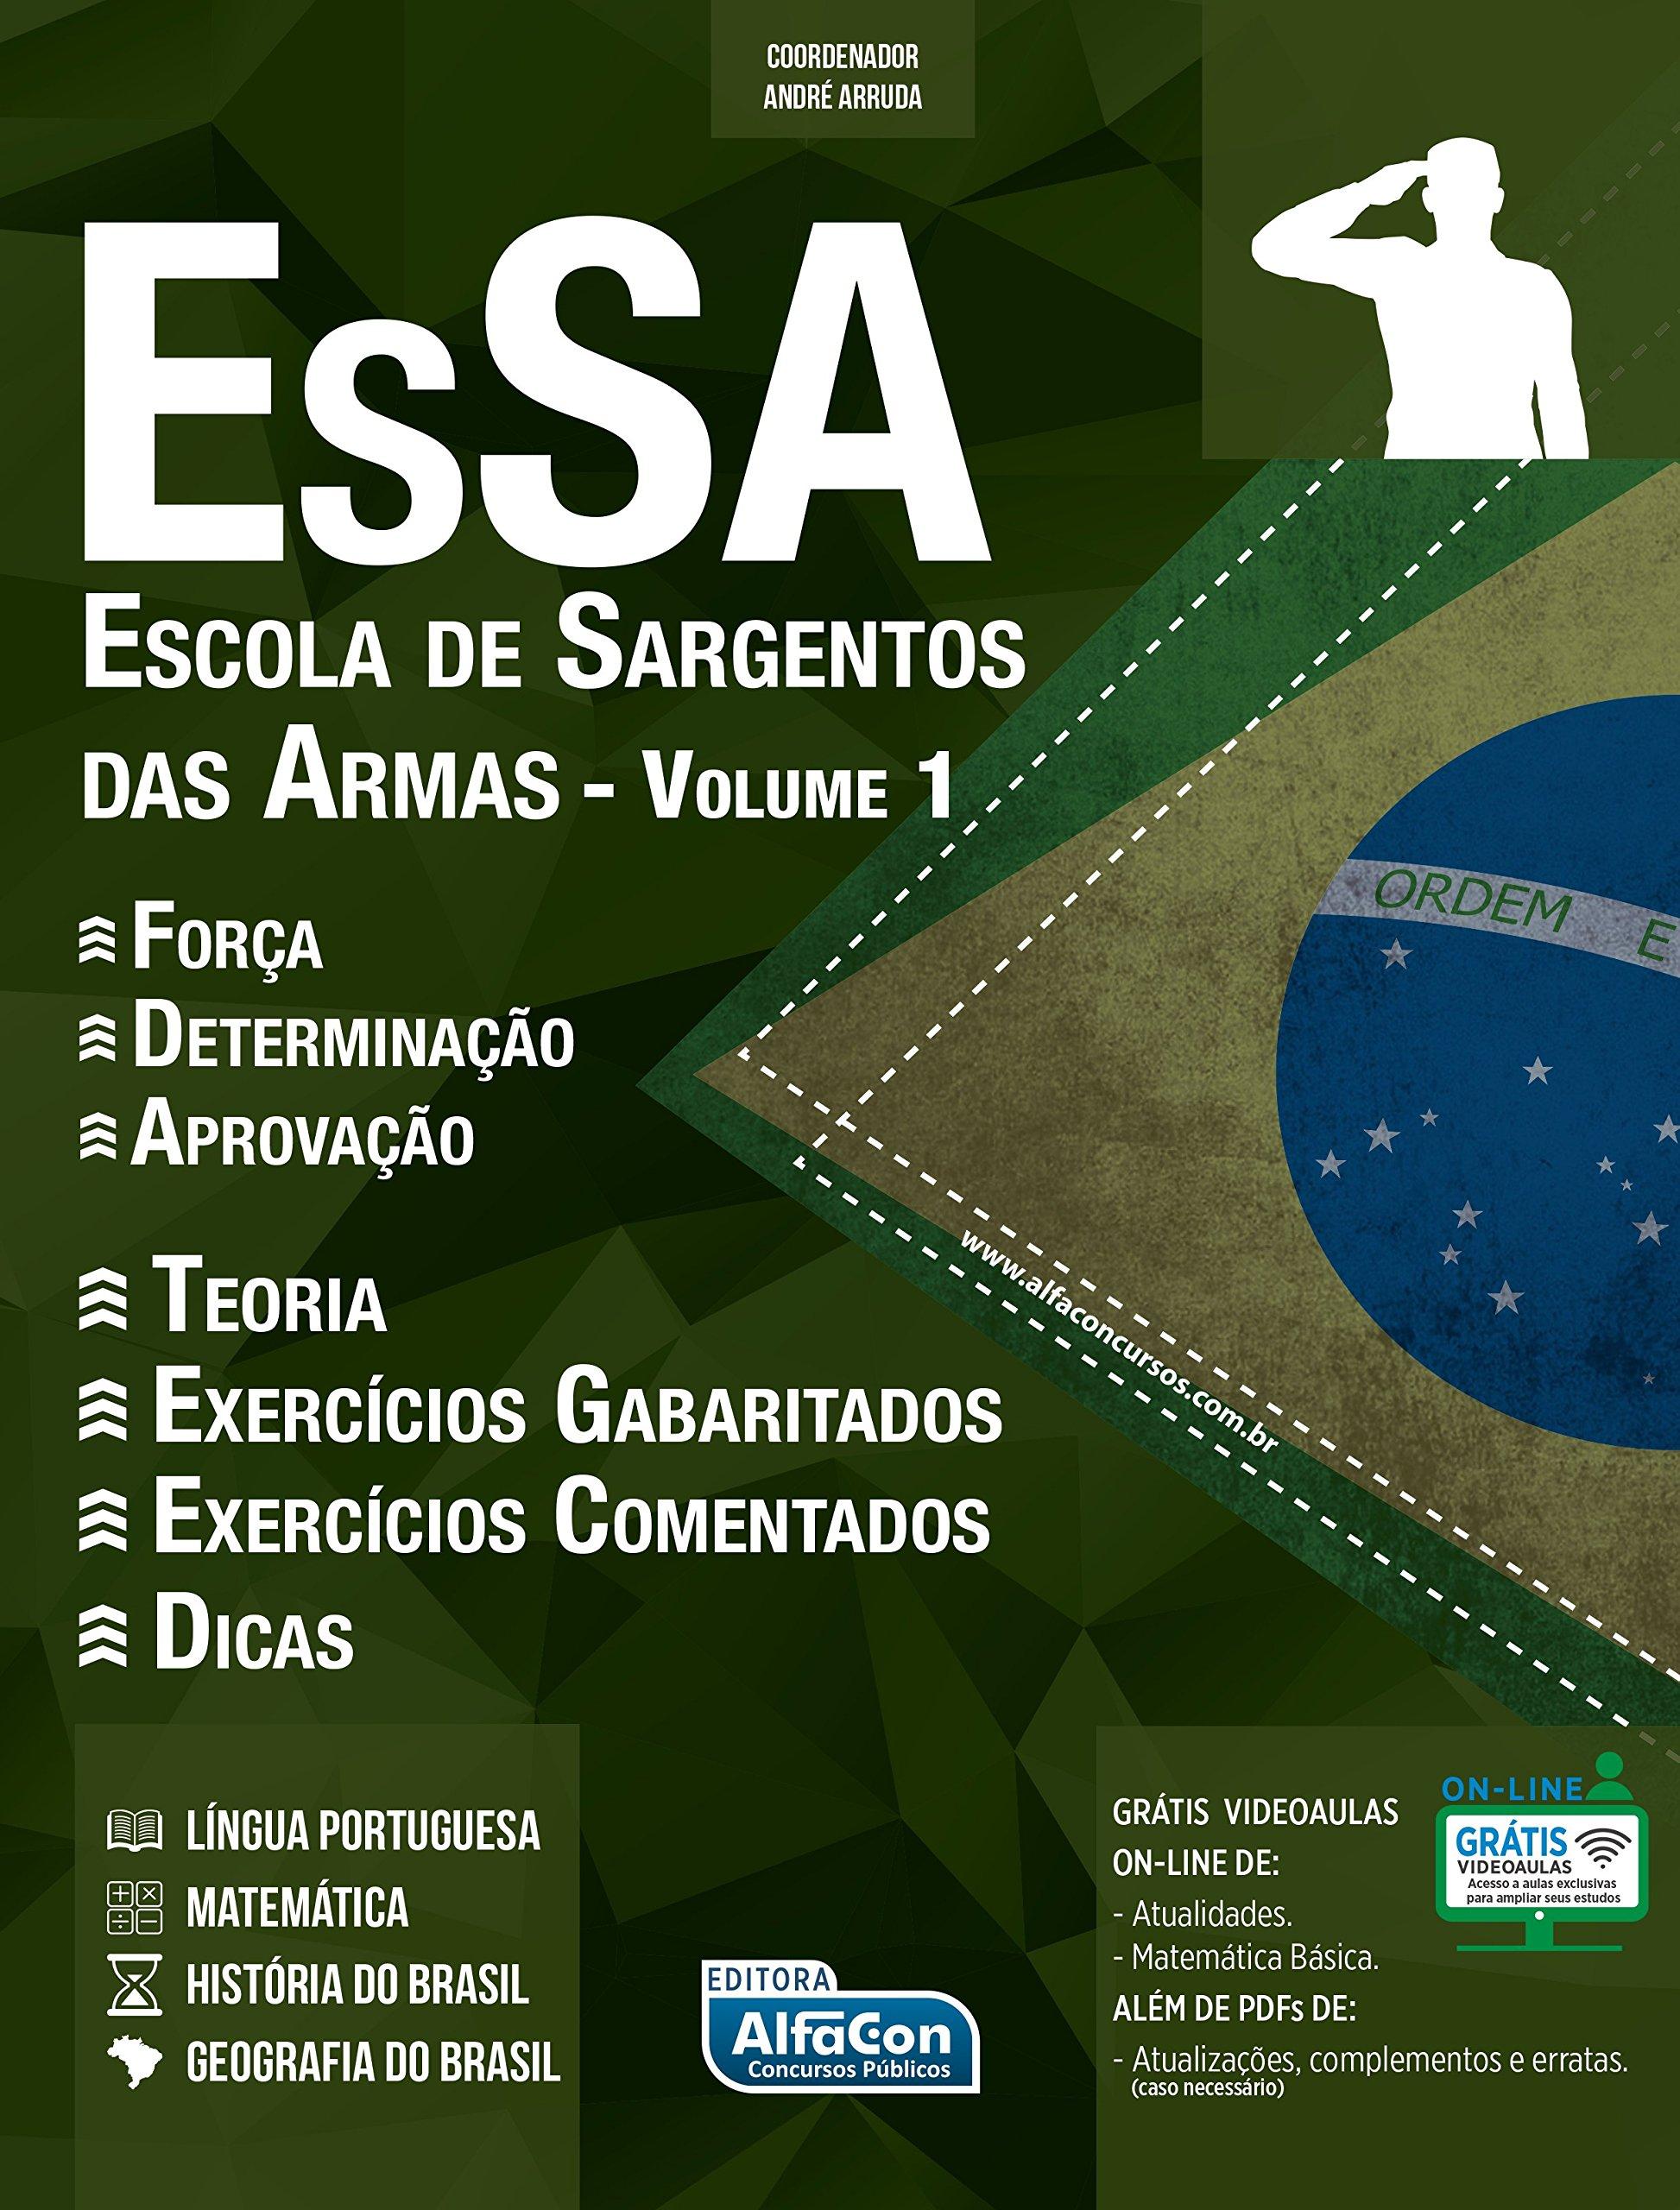 Essa. Escola de Sargentos das Armas - Volume 1: Vários Autores: 9788583391807: Amazon.com: Books